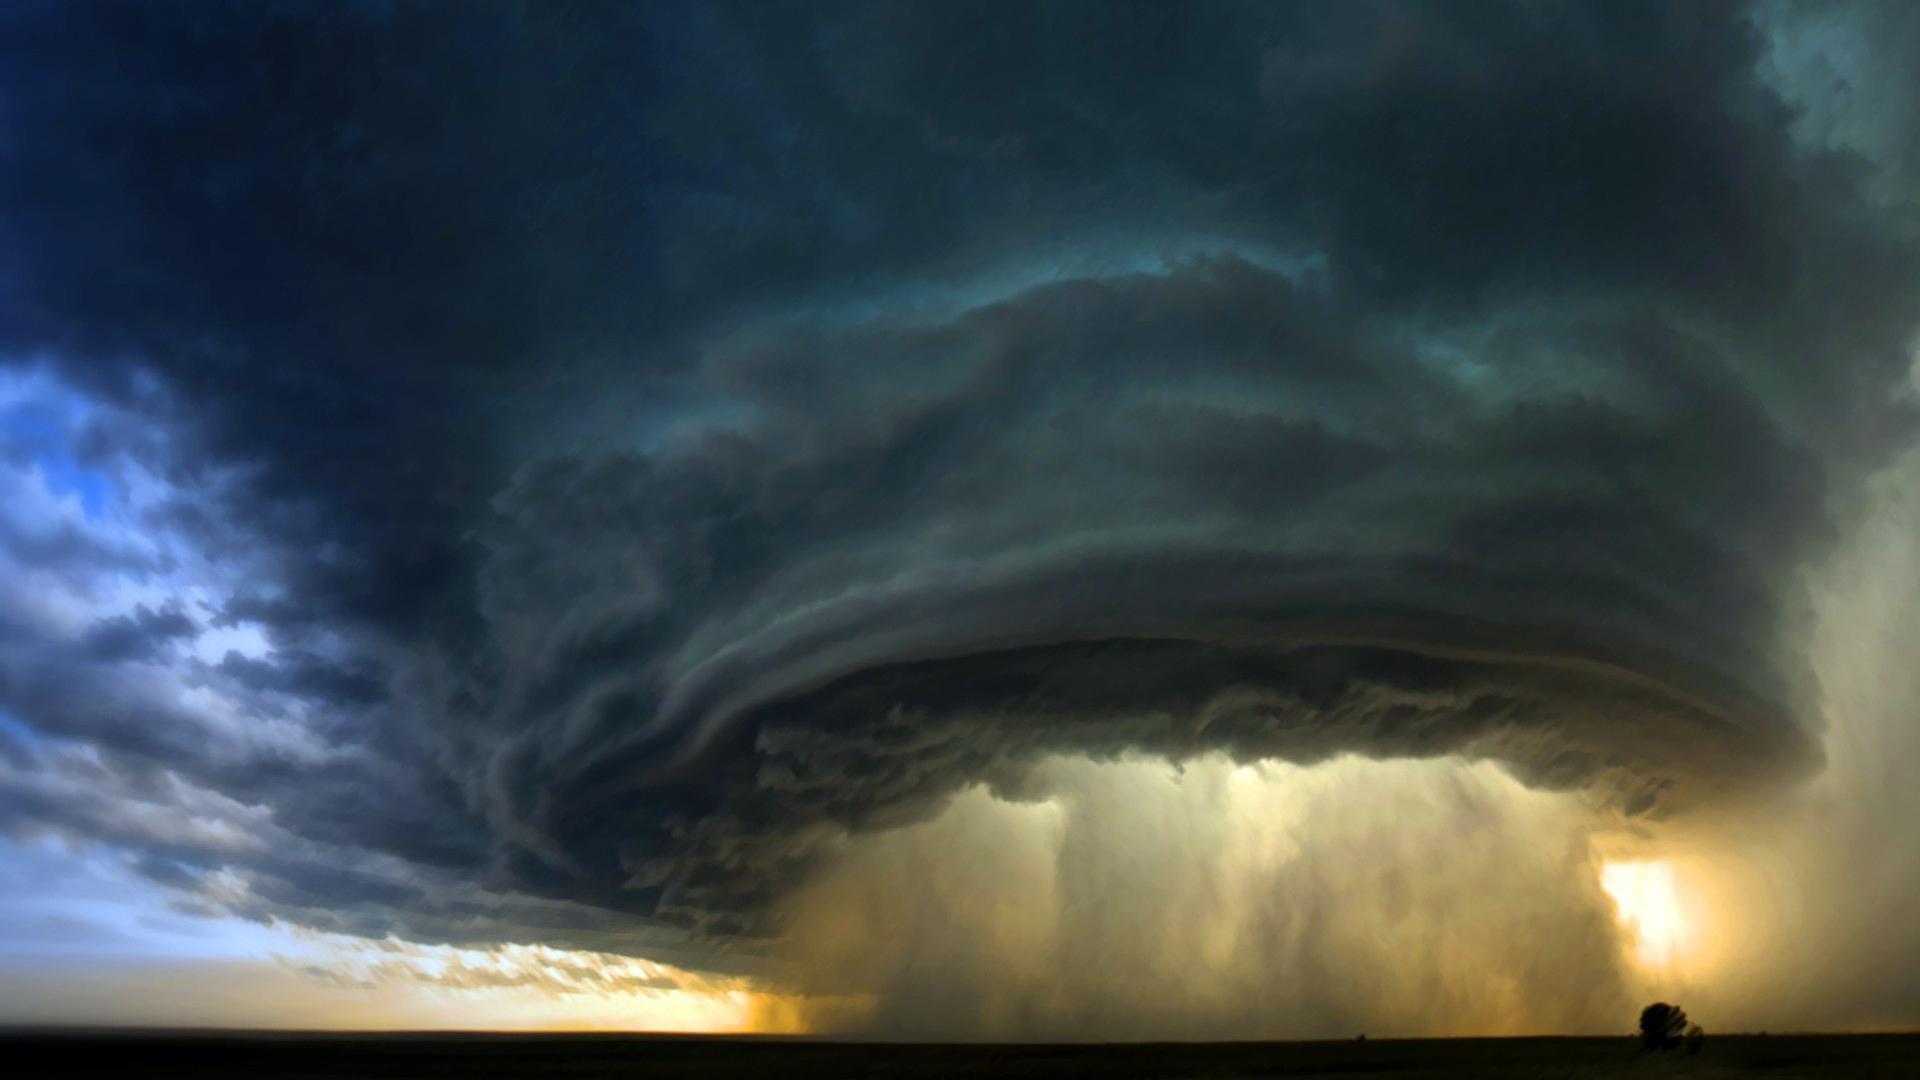 Tornado storm sky clouds d wallpaper | 1920x1080 | 91171 ...